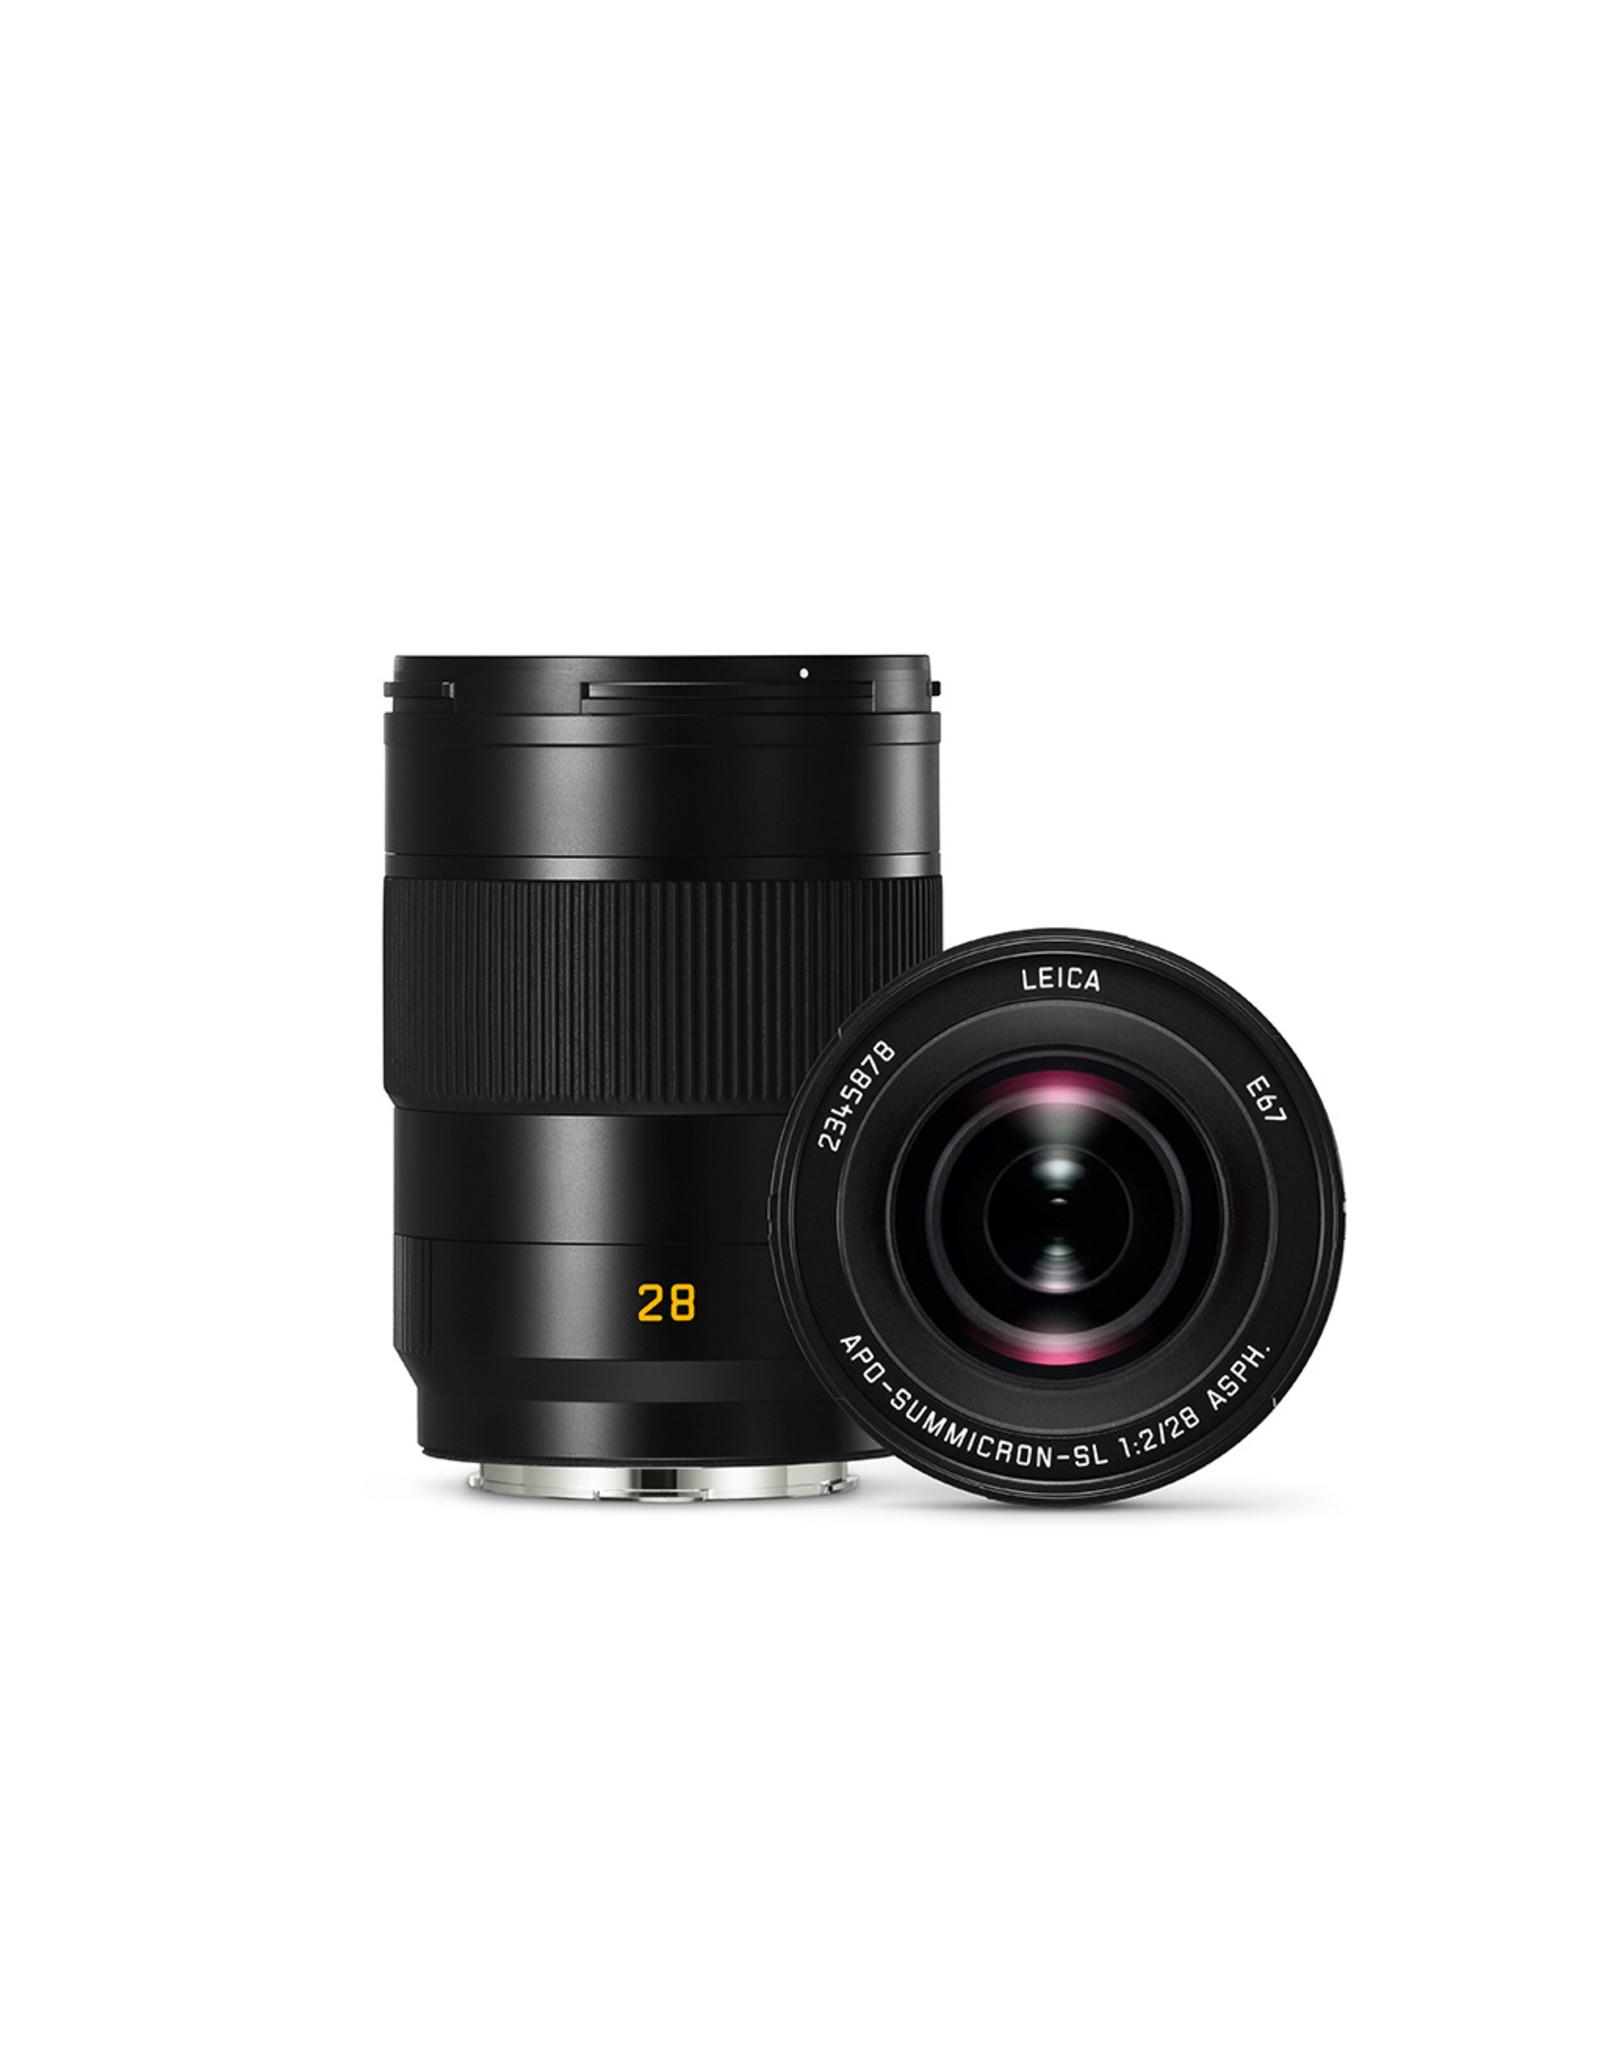 Leica Leica 28mm f2 Apo-Summicron-SL ASPH Black   111-83